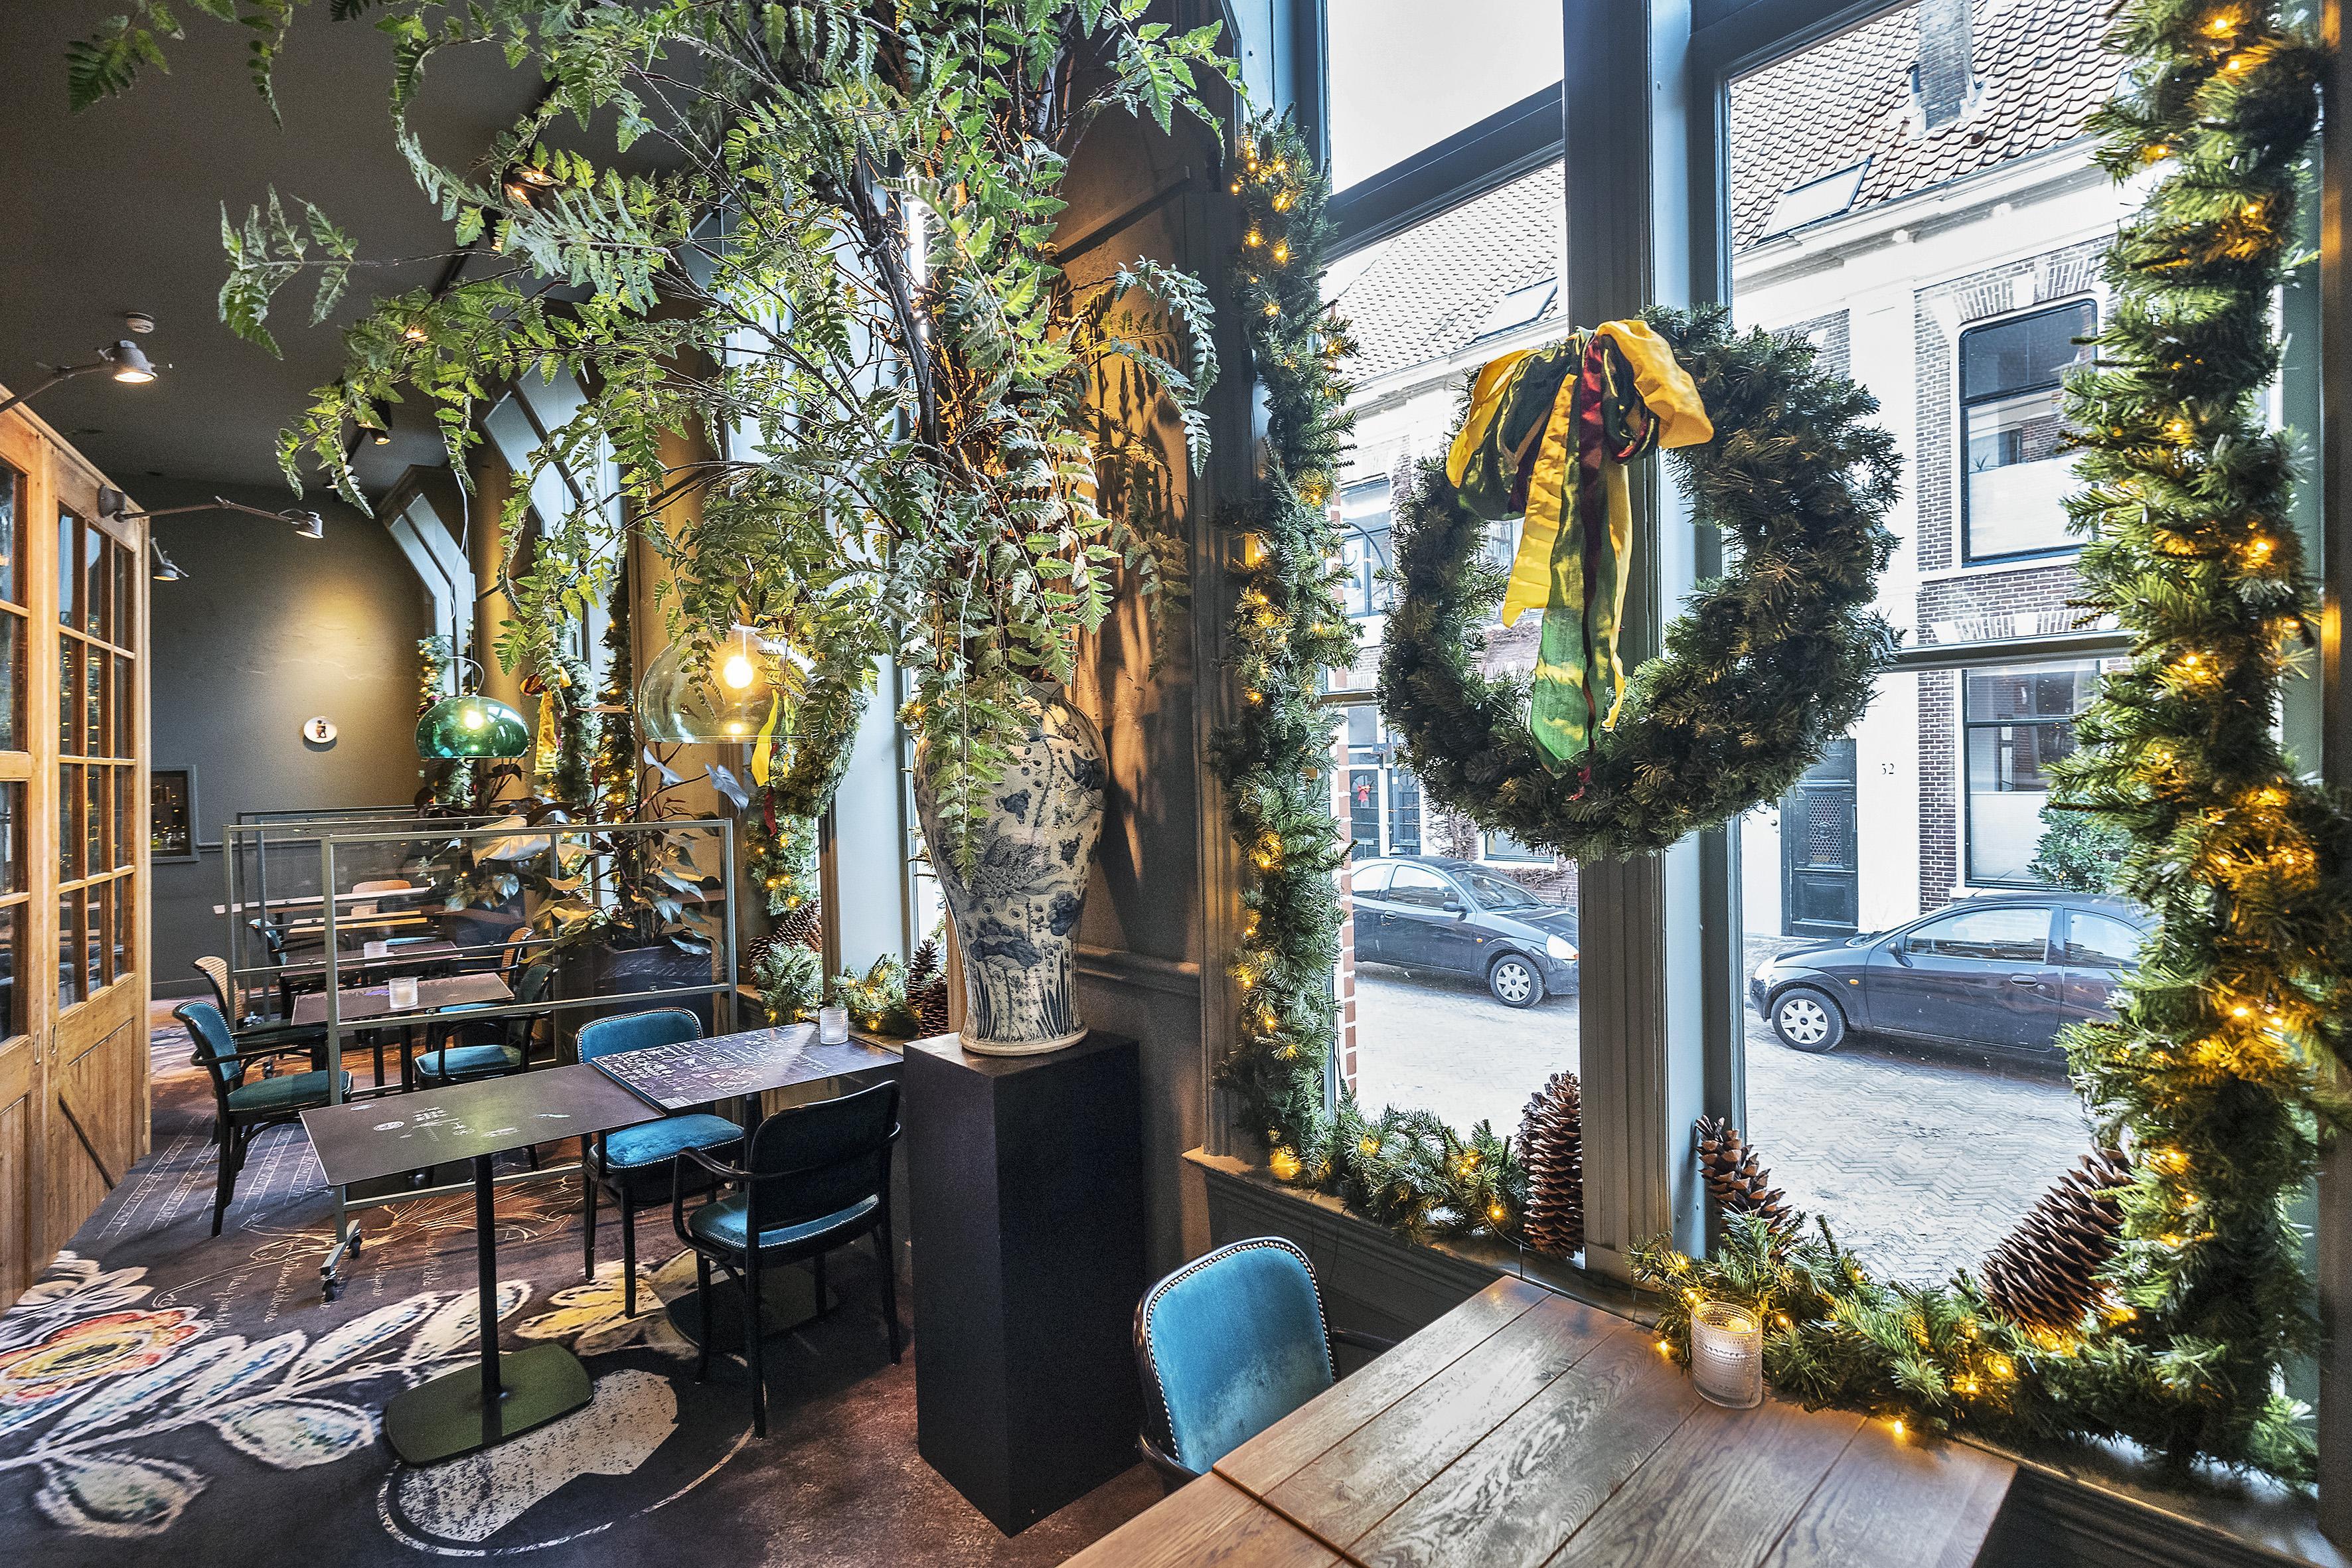 Hotels gaan stille kerst tegemoet door sluiting van hun restaurants. 'We zaten voor 90 procent vol'